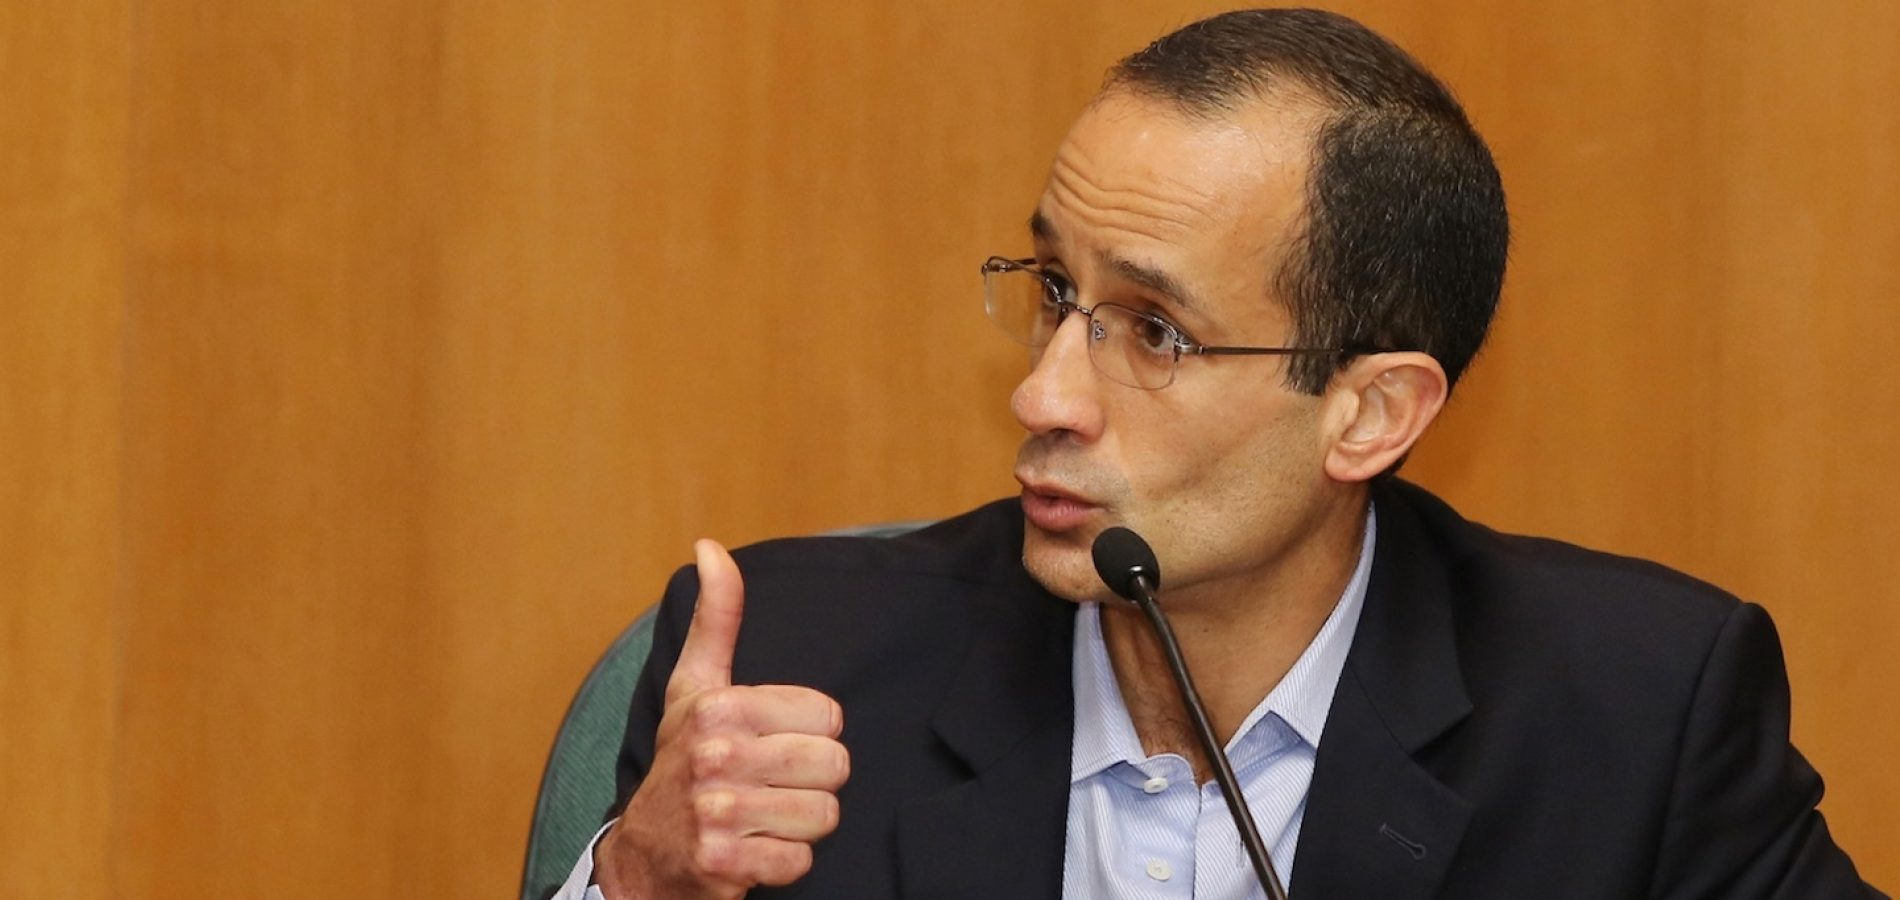 Marcelo Odebrecht diz que pagou R$ 24 milhões para 4 partidos